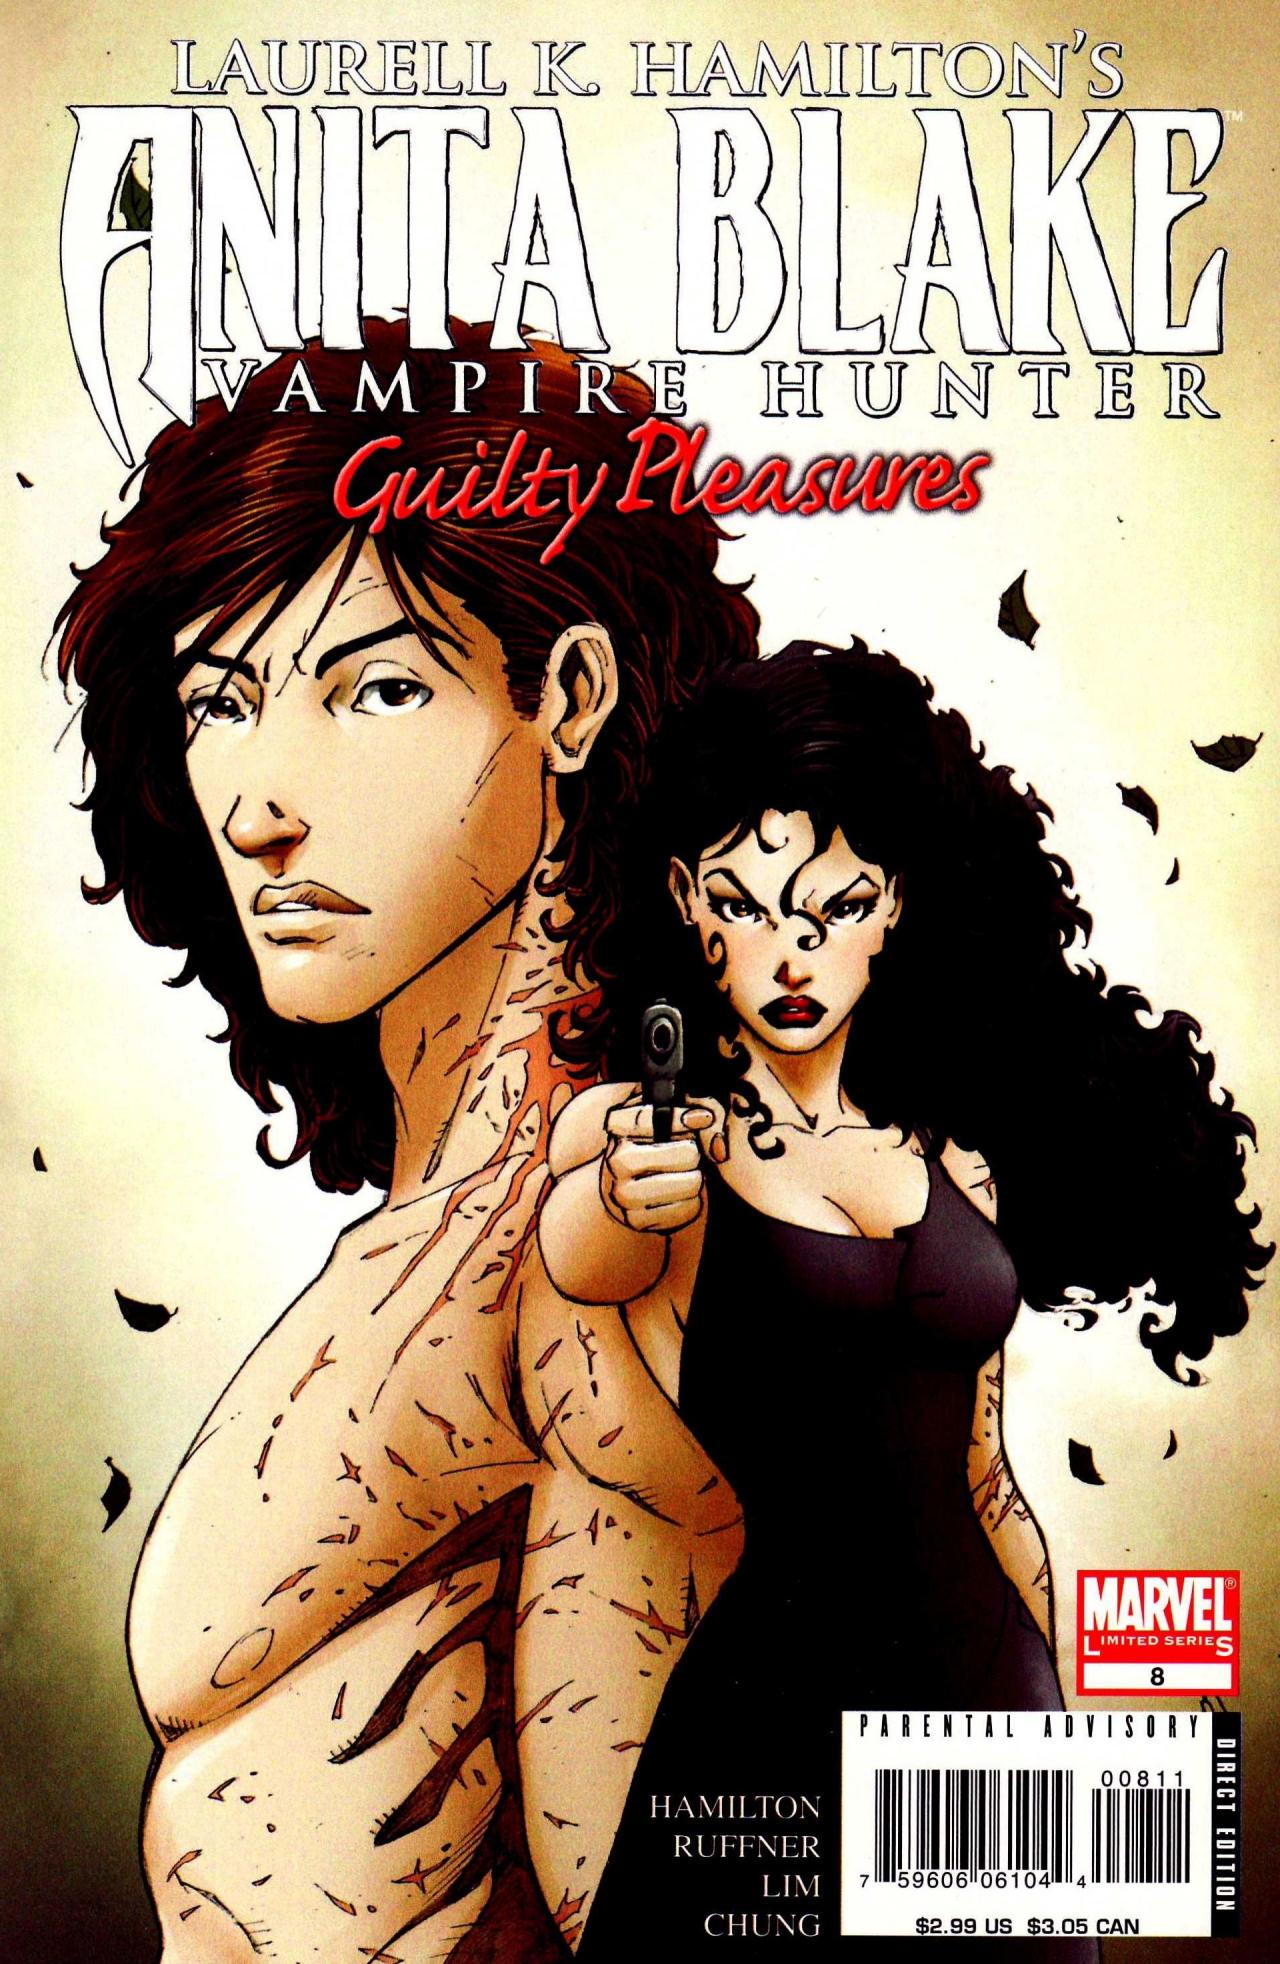 Anita Blake, Vampire Hunter: Guilty Pleasures 8 Page 1